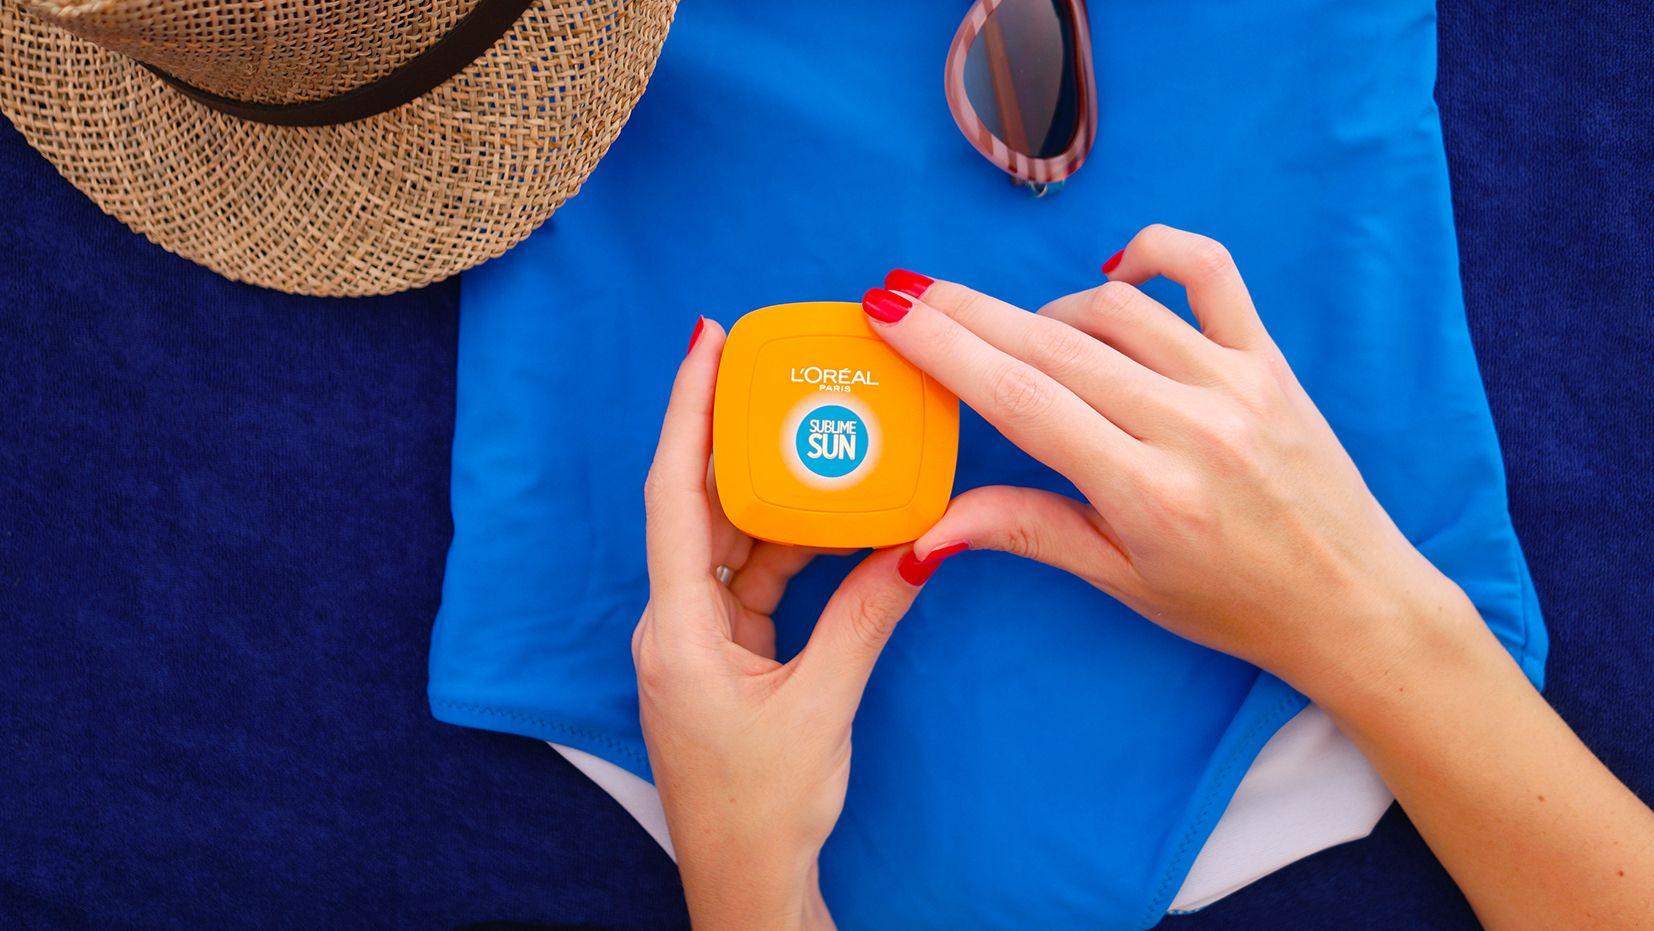 Fondotinta solari: le novità per proteggere e perfezionare la pelle